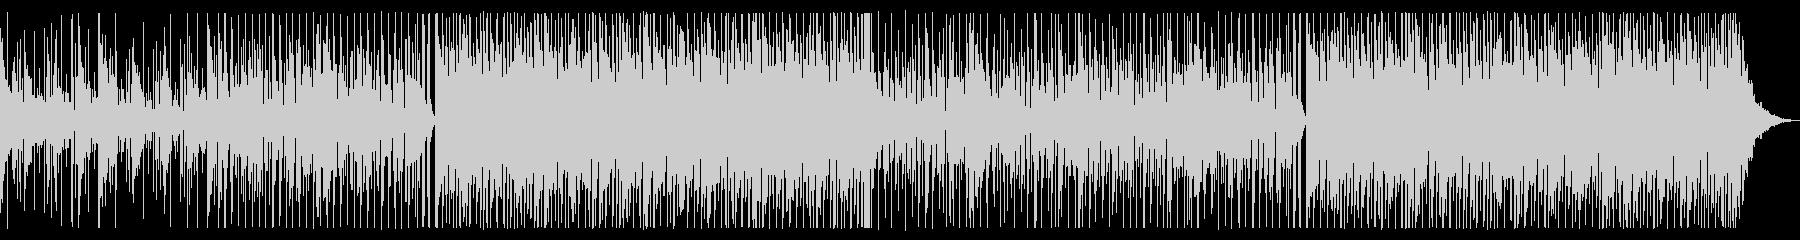 メロウなディスコ。の未再生の波形